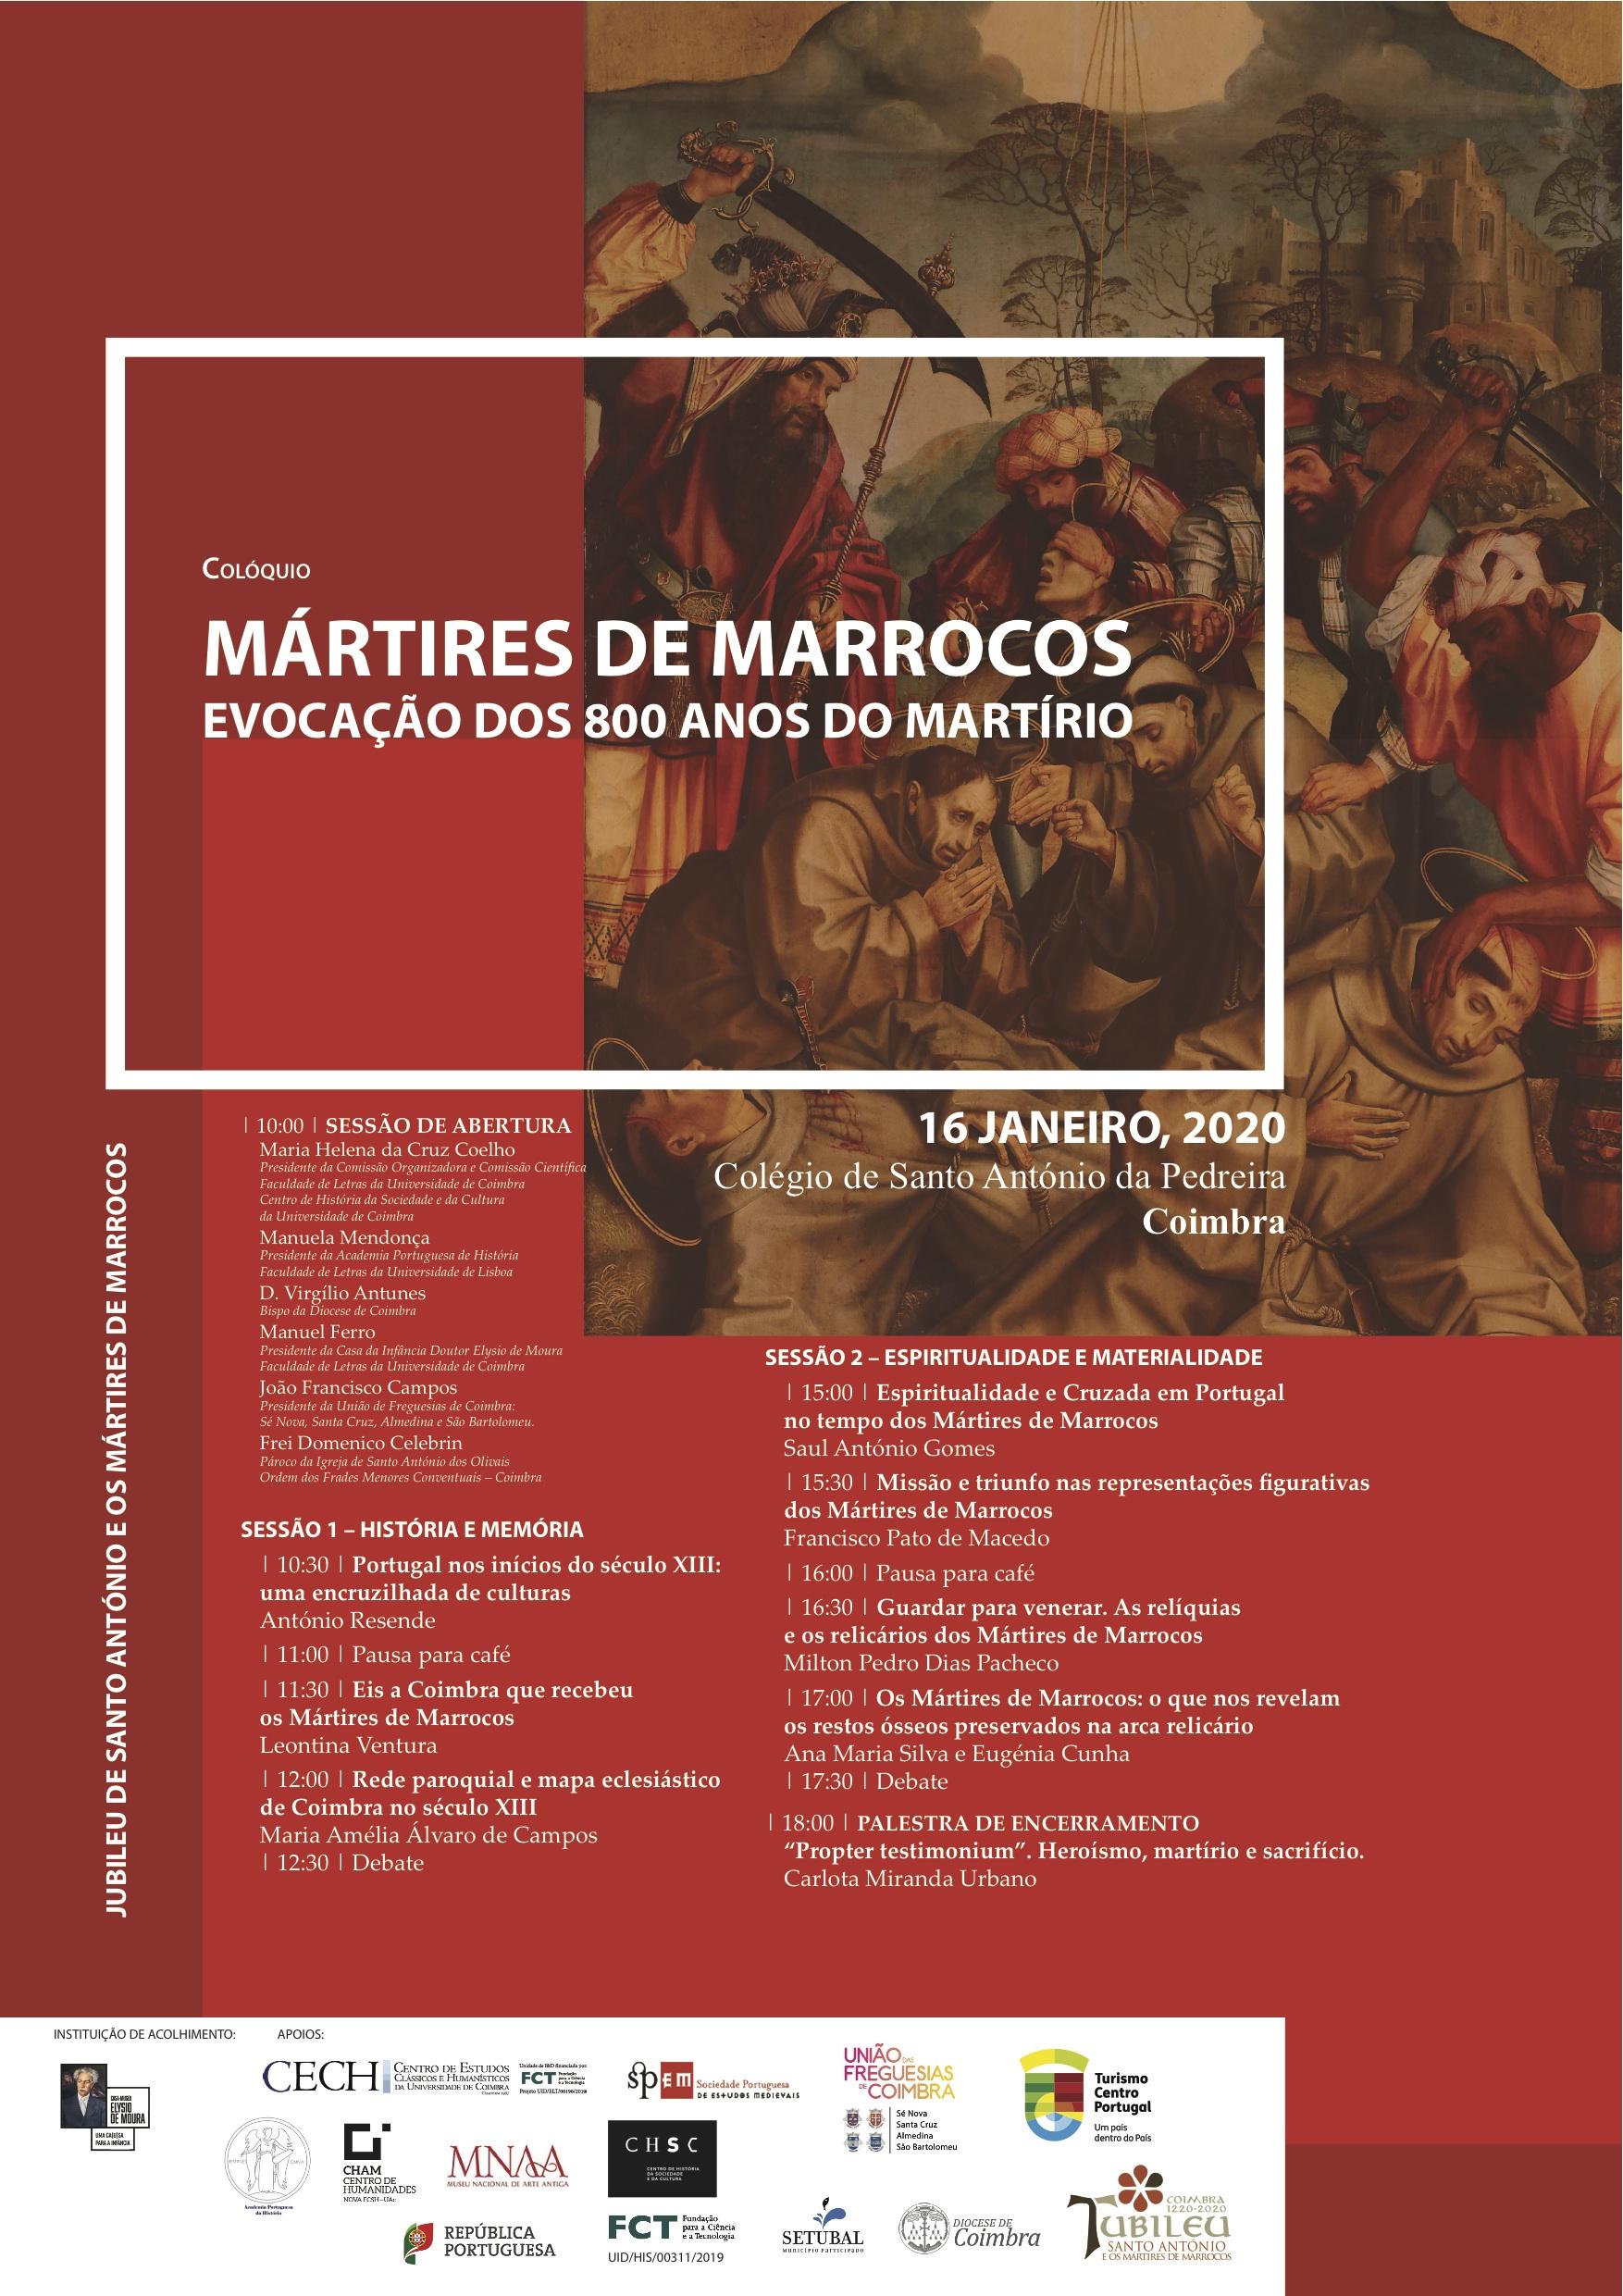 COLÓQUIO MÁRTIRES DE MARROCOS – EVOCAÇÃO DOS 800 ANOS DO MARTÍRIO